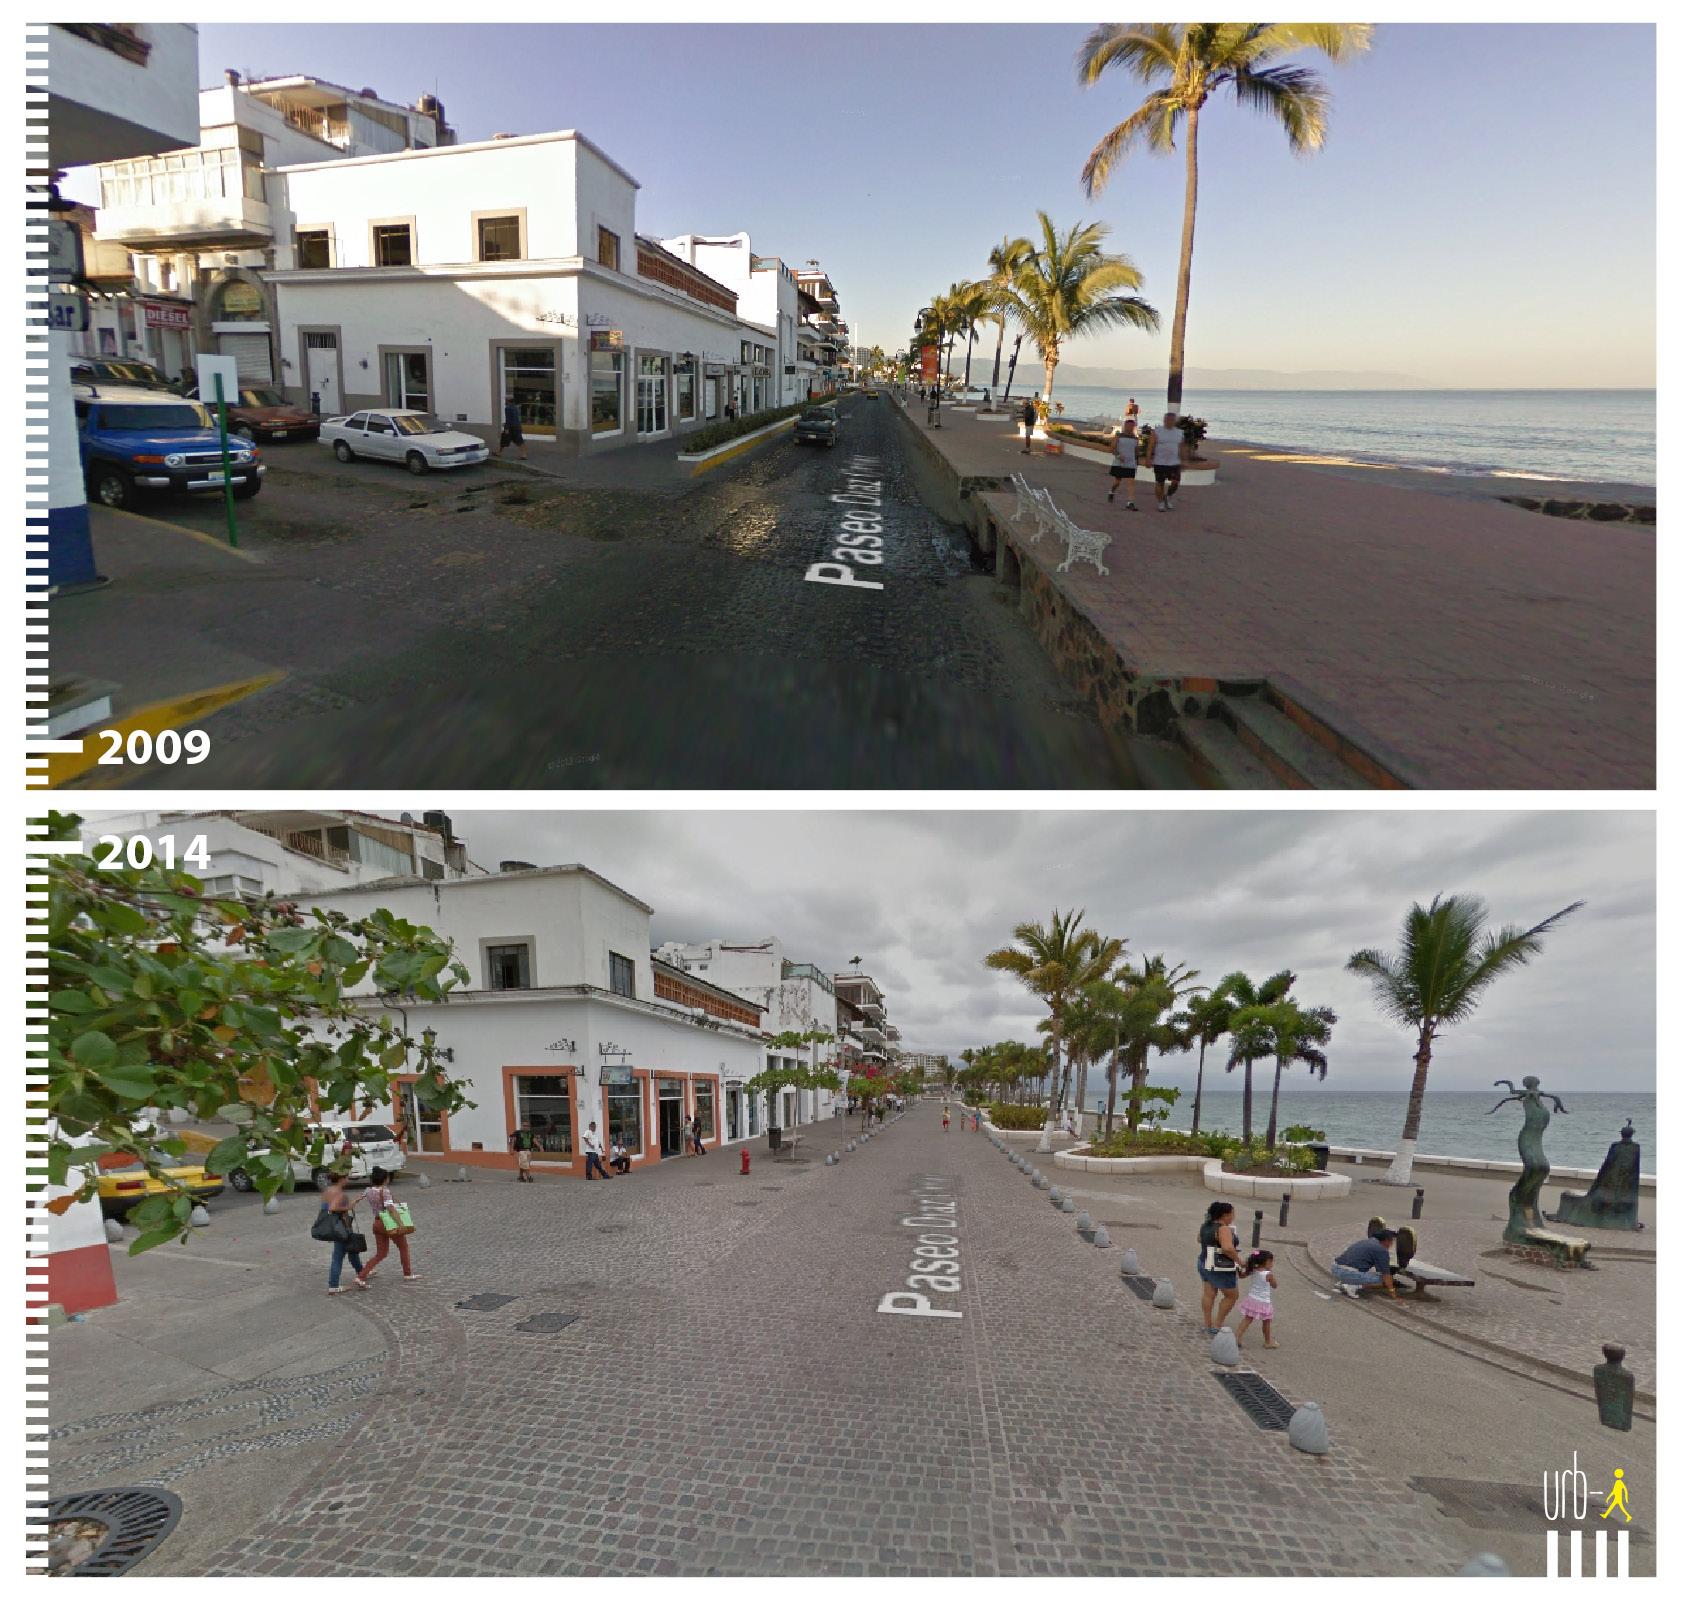 0634 MX Puerto Vallarta, Paseo Diaz Ordaz